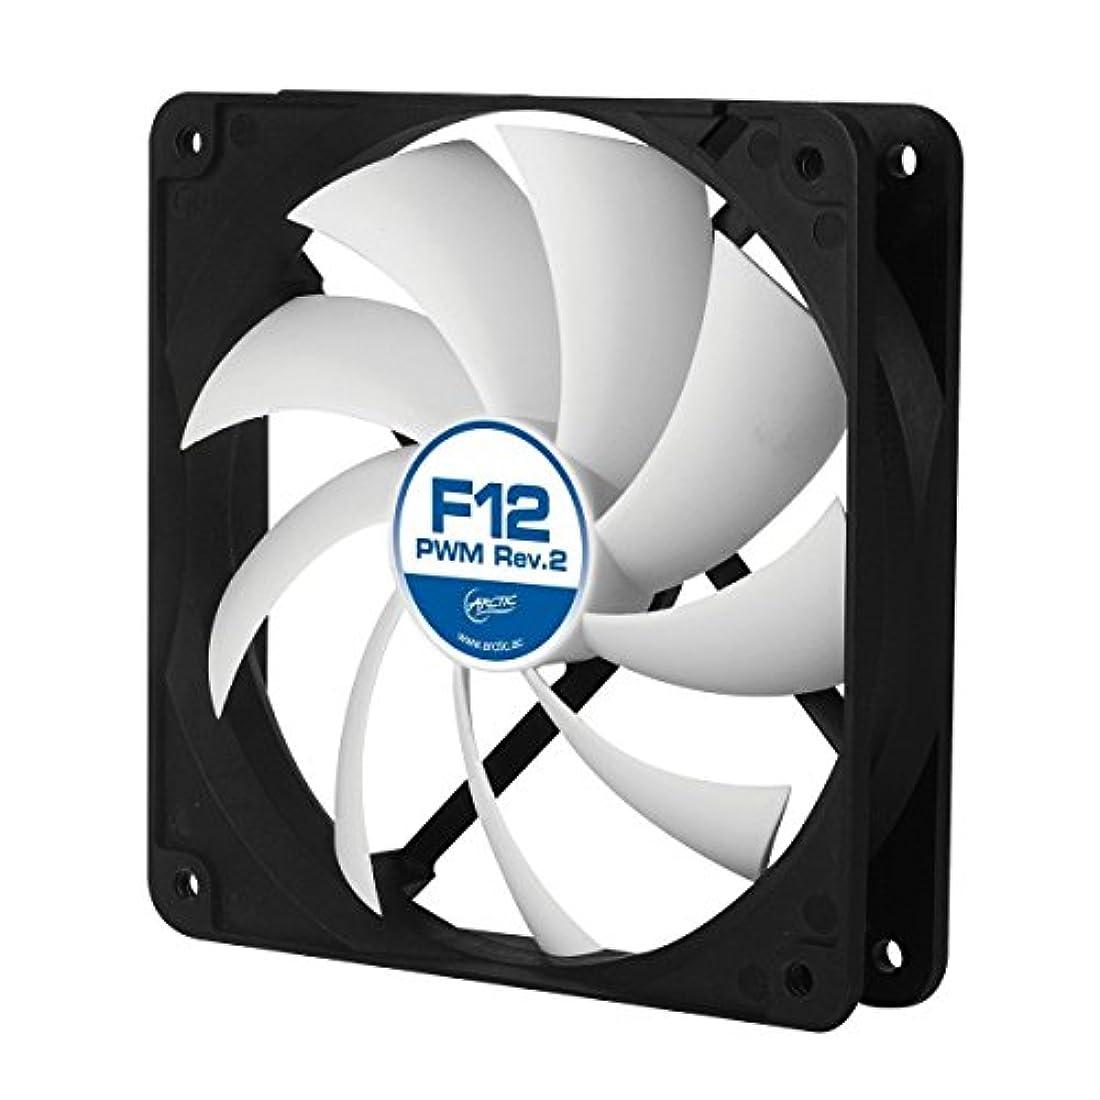 漏れ収入バルブARCTIC F12 PWM Rev. 2 - Fluid Dynamic Bearing Case Fan, 120mm PWM Speed Control [並行輸入品]